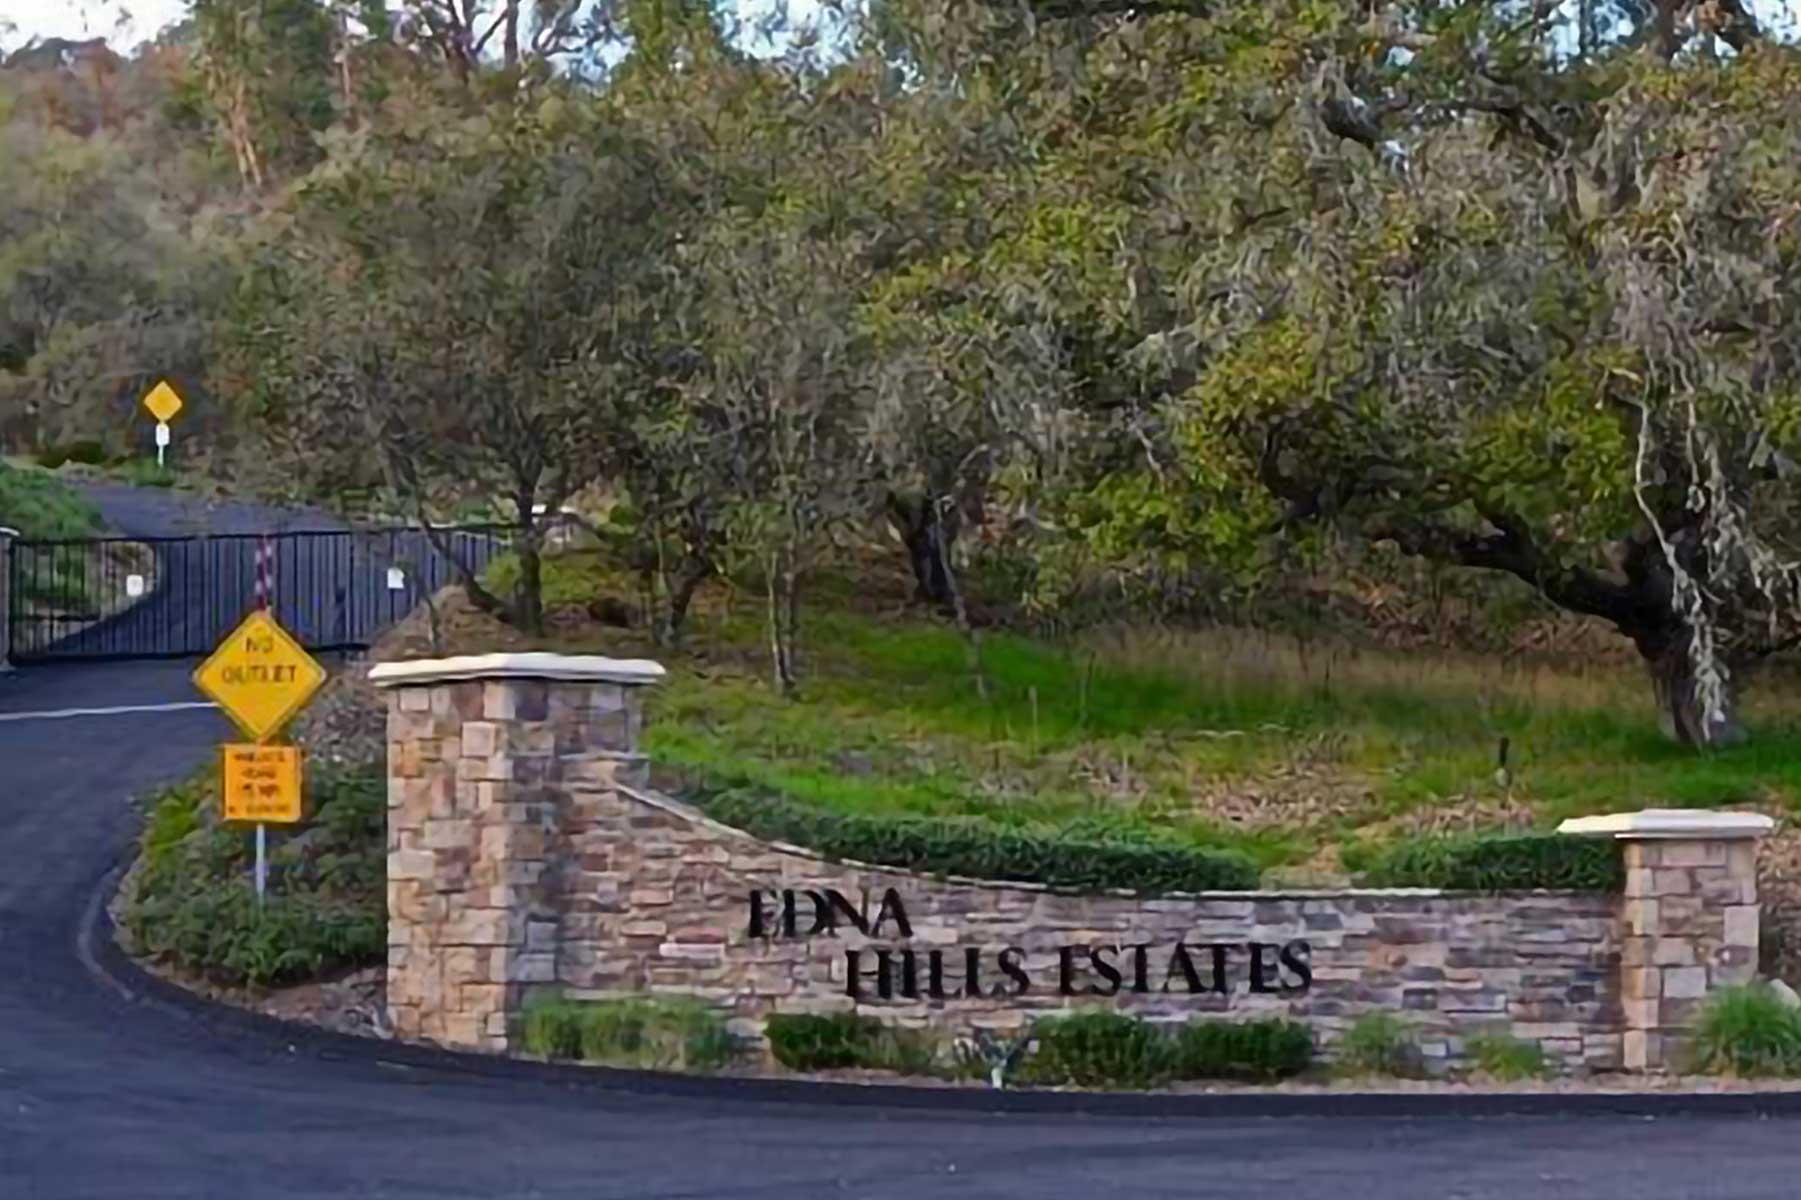 Enda Hills real estate property 1